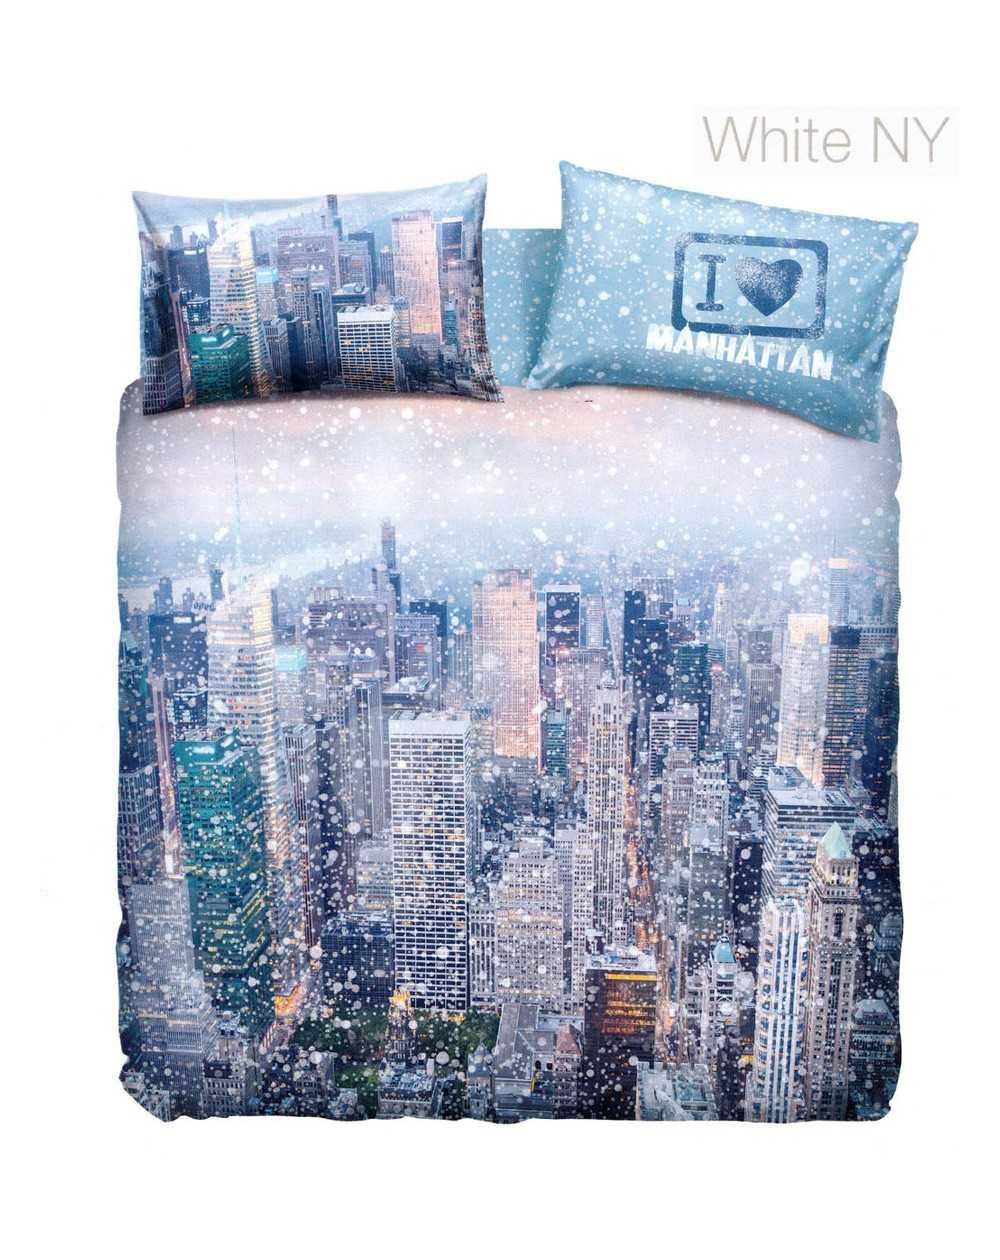 Piumoni Bassetti Prezzi Outlet.Completo Copripiumino Matrimoniale New York By Bassetti Natura City